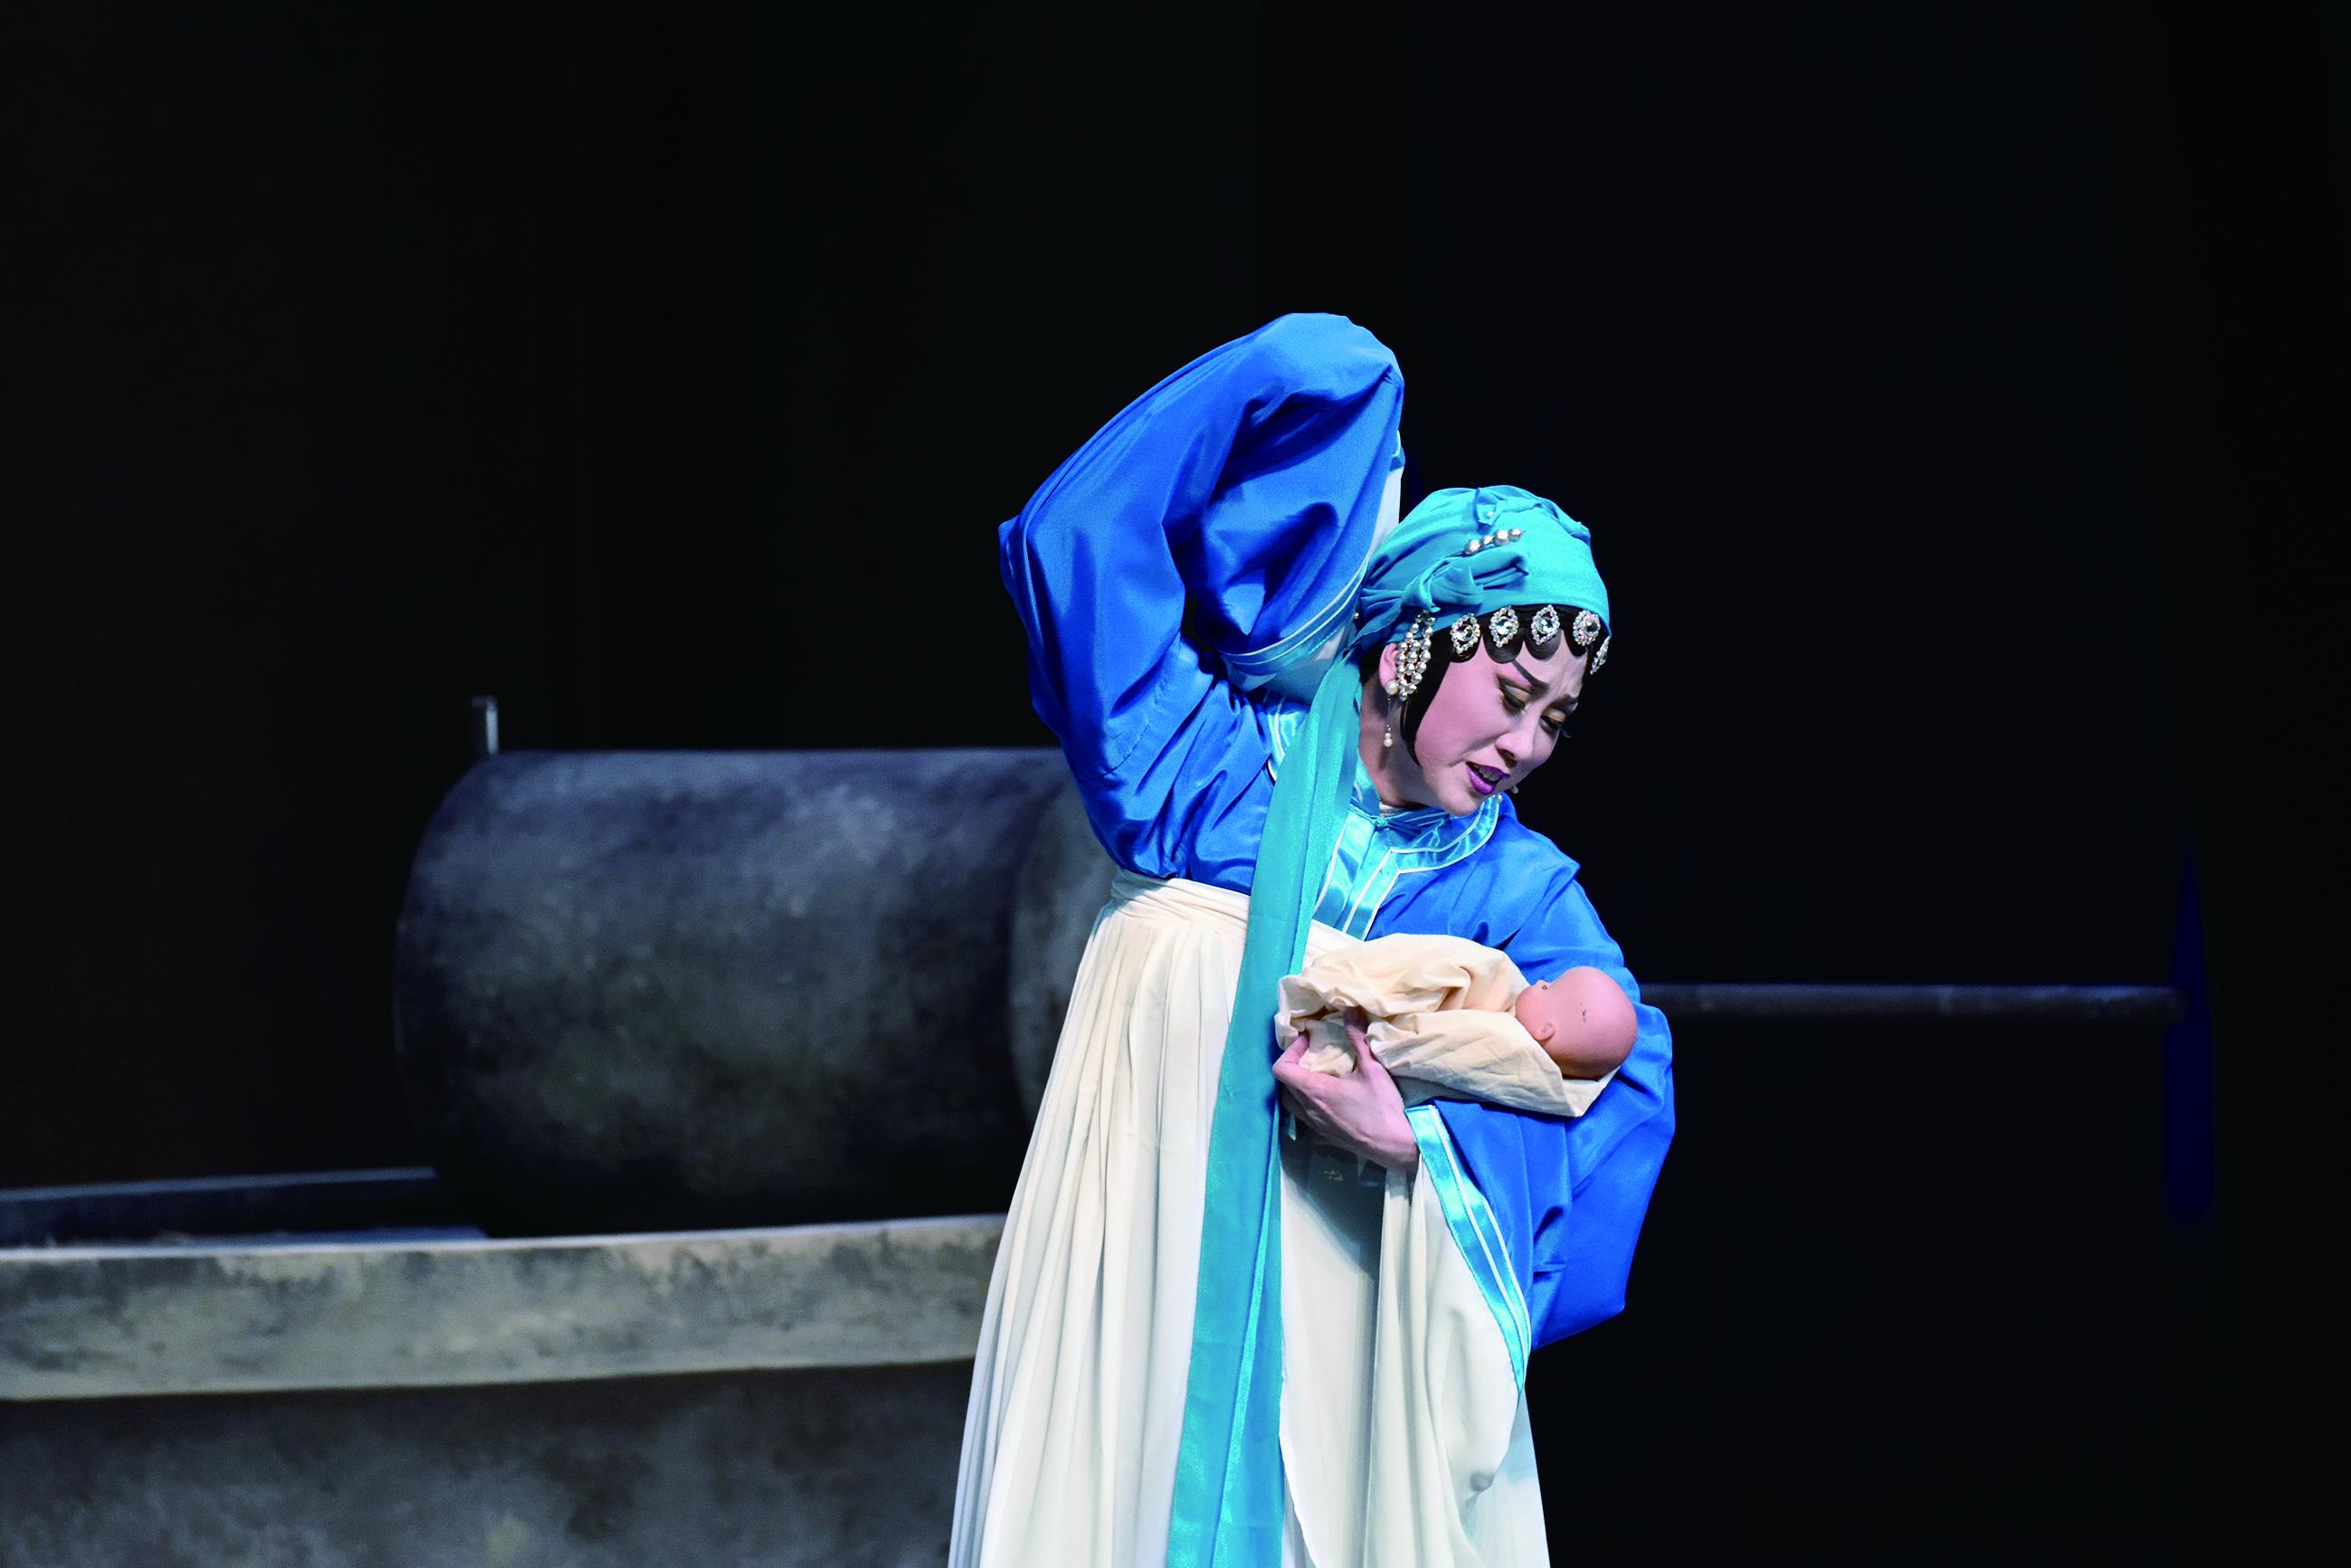 張孟逸當了媽媽後演出《李三娘》,有了更多體會。.jpg